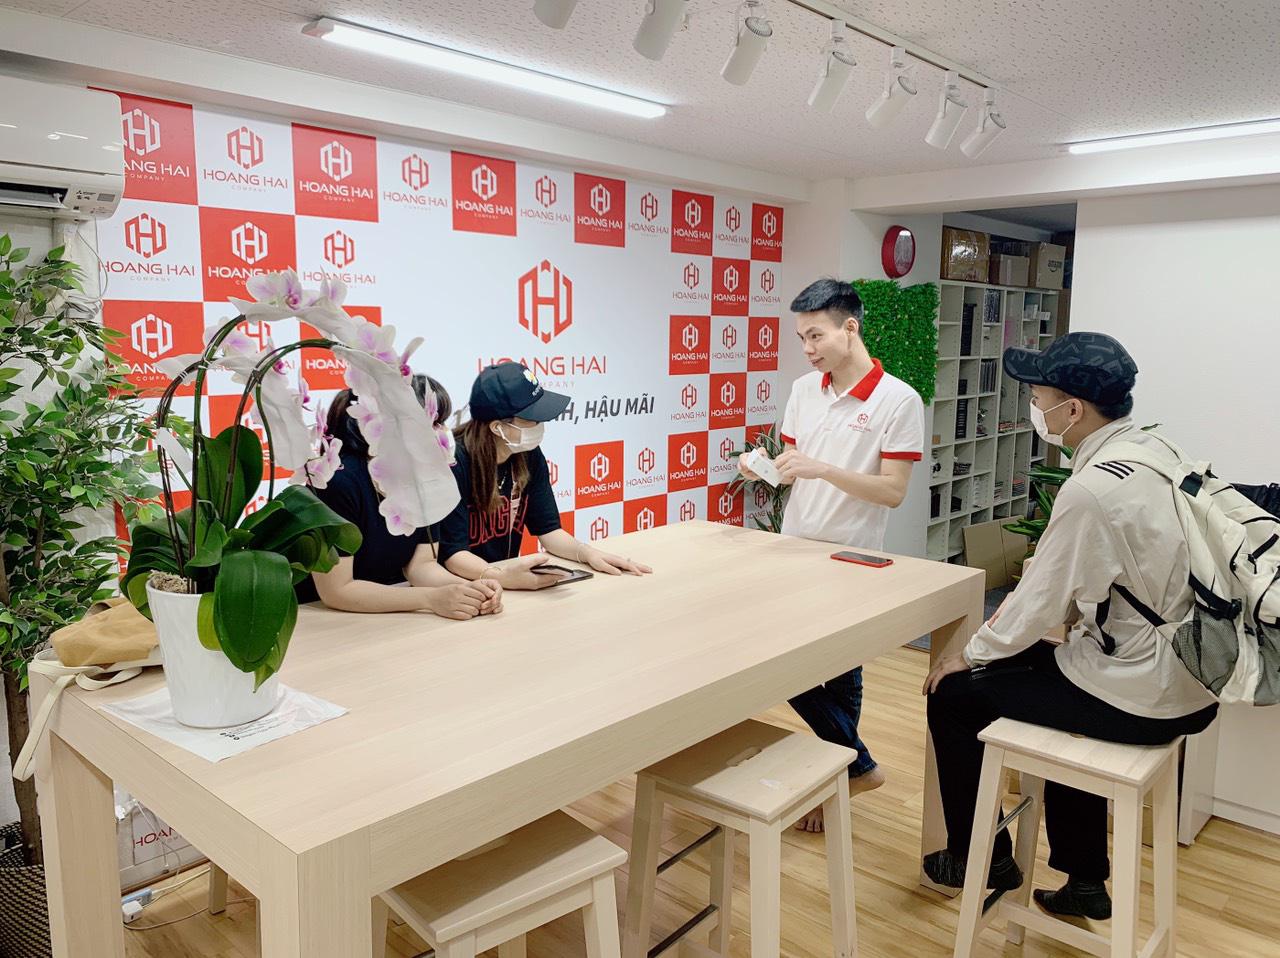 9x Việt khởi nghiệp thành công tại Nhật từ chiến lược kinh doanh điện thoại thông minh - Ảnh 4.